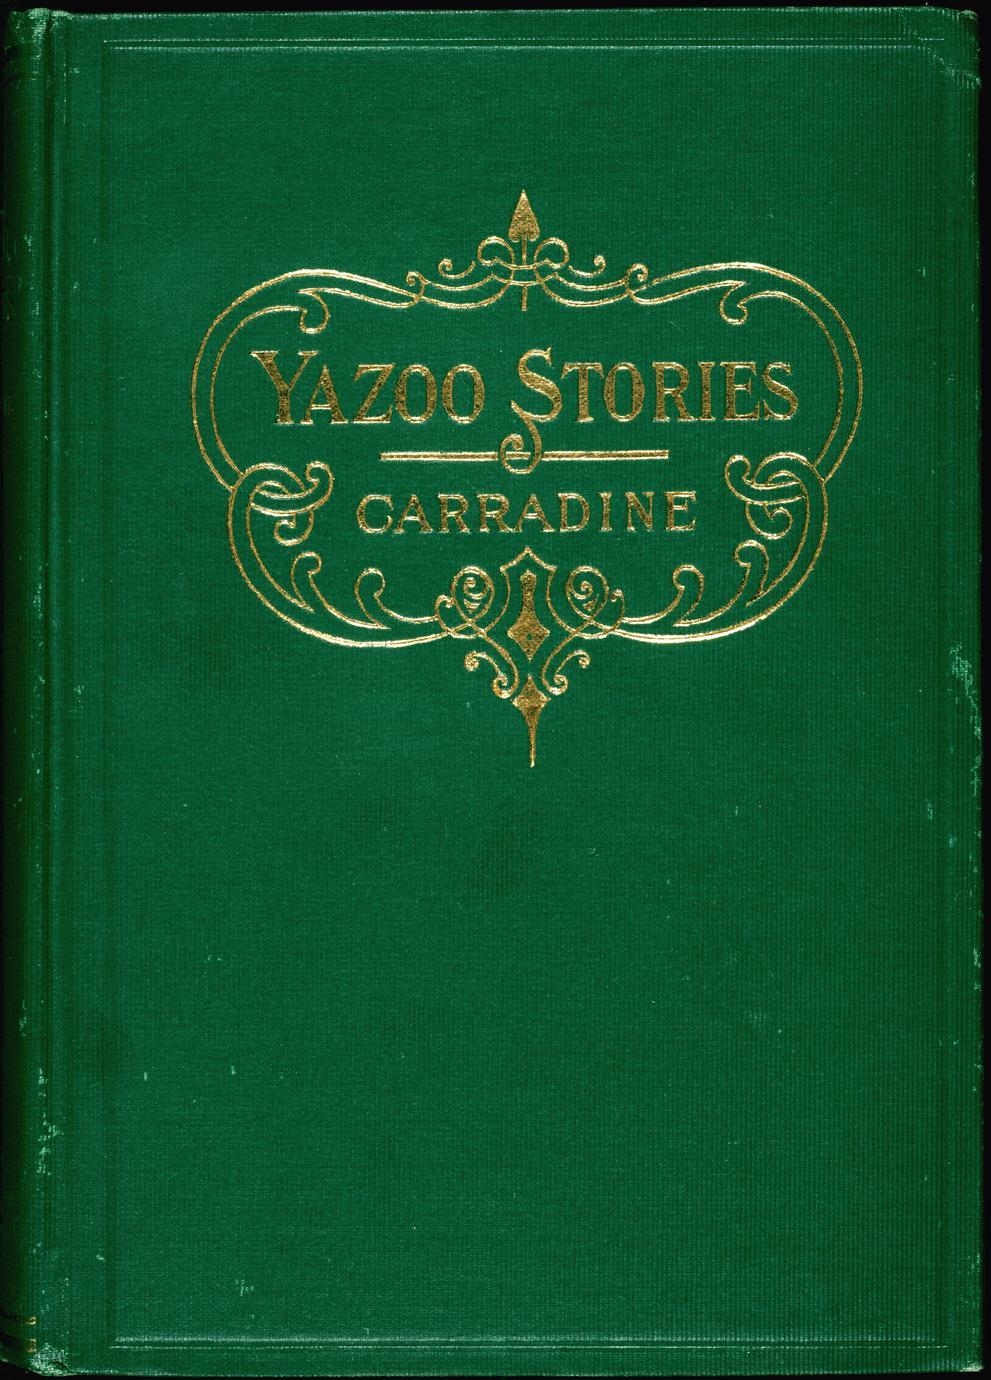 Yazoo stories (1 of 2)